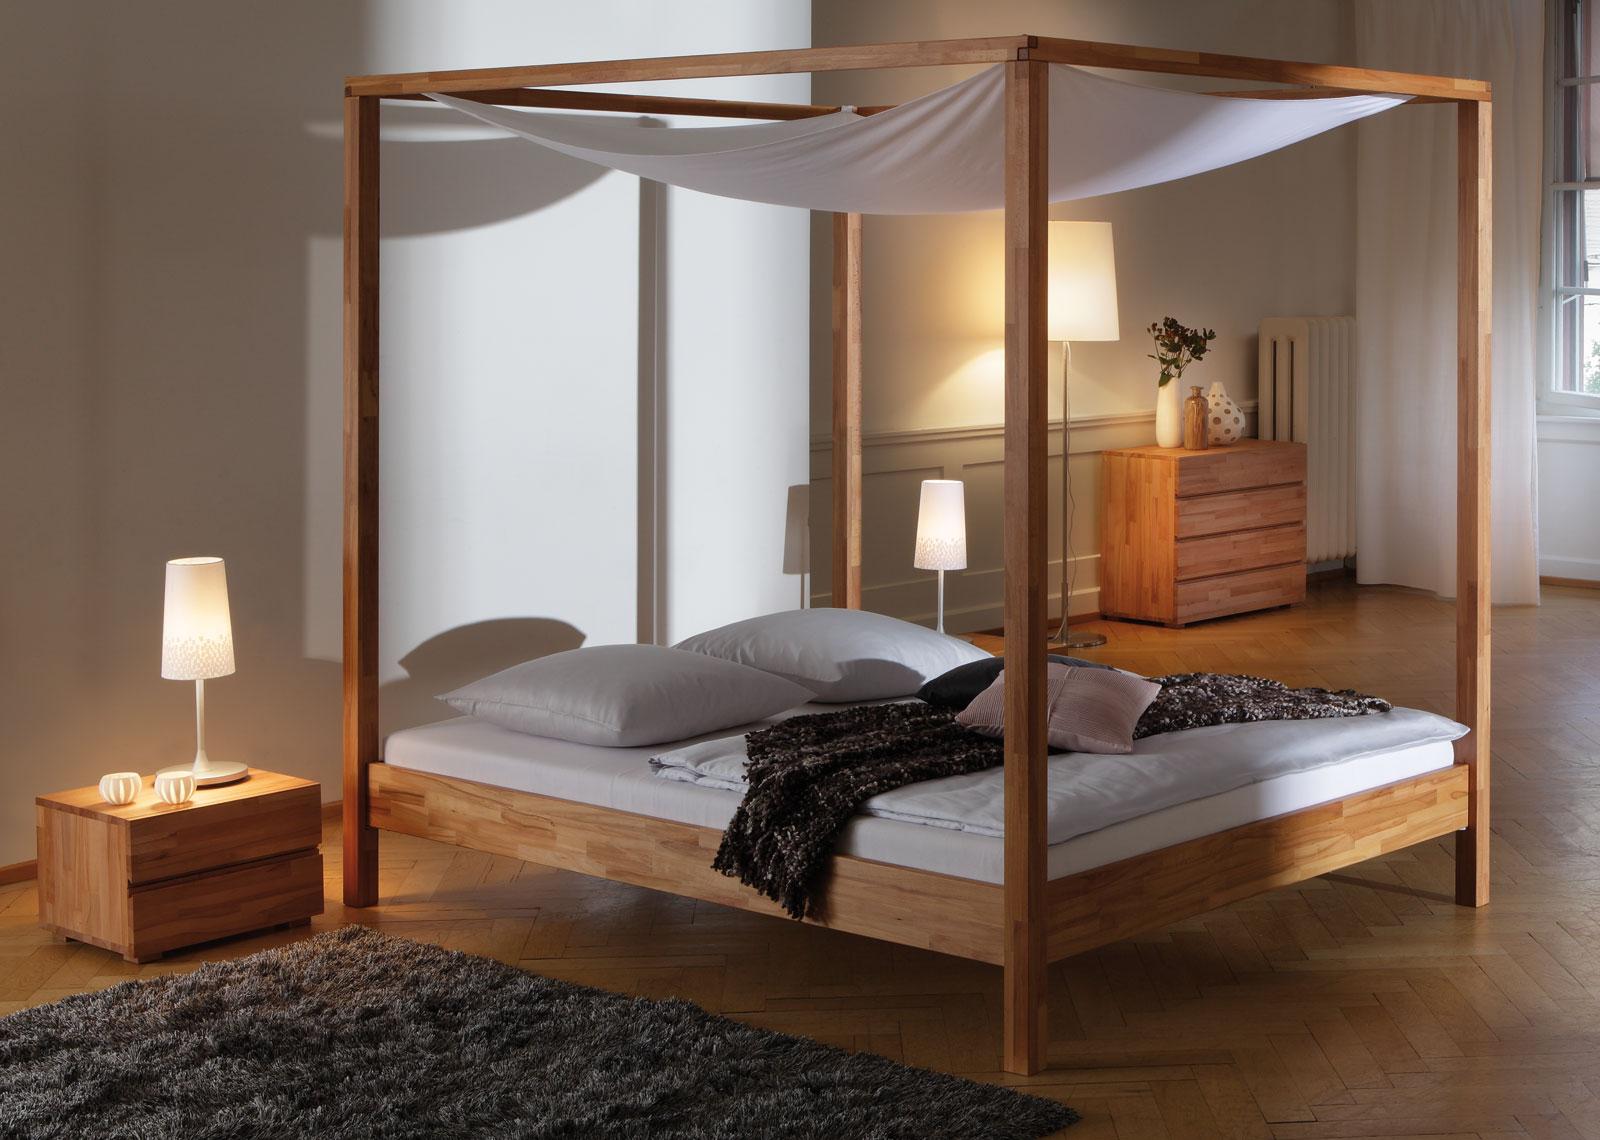 Schones Himmelbett Aus Buche In 160x200 Cm Bett Merida